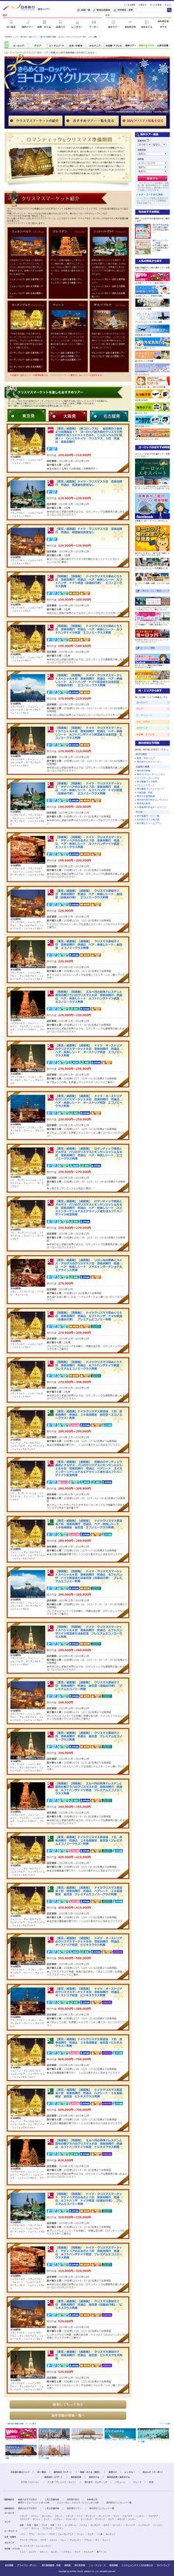 ヨーロッパのクリスマスに行く旅行・ツアー特集   海外旅行・海外ツアーは日本旅行